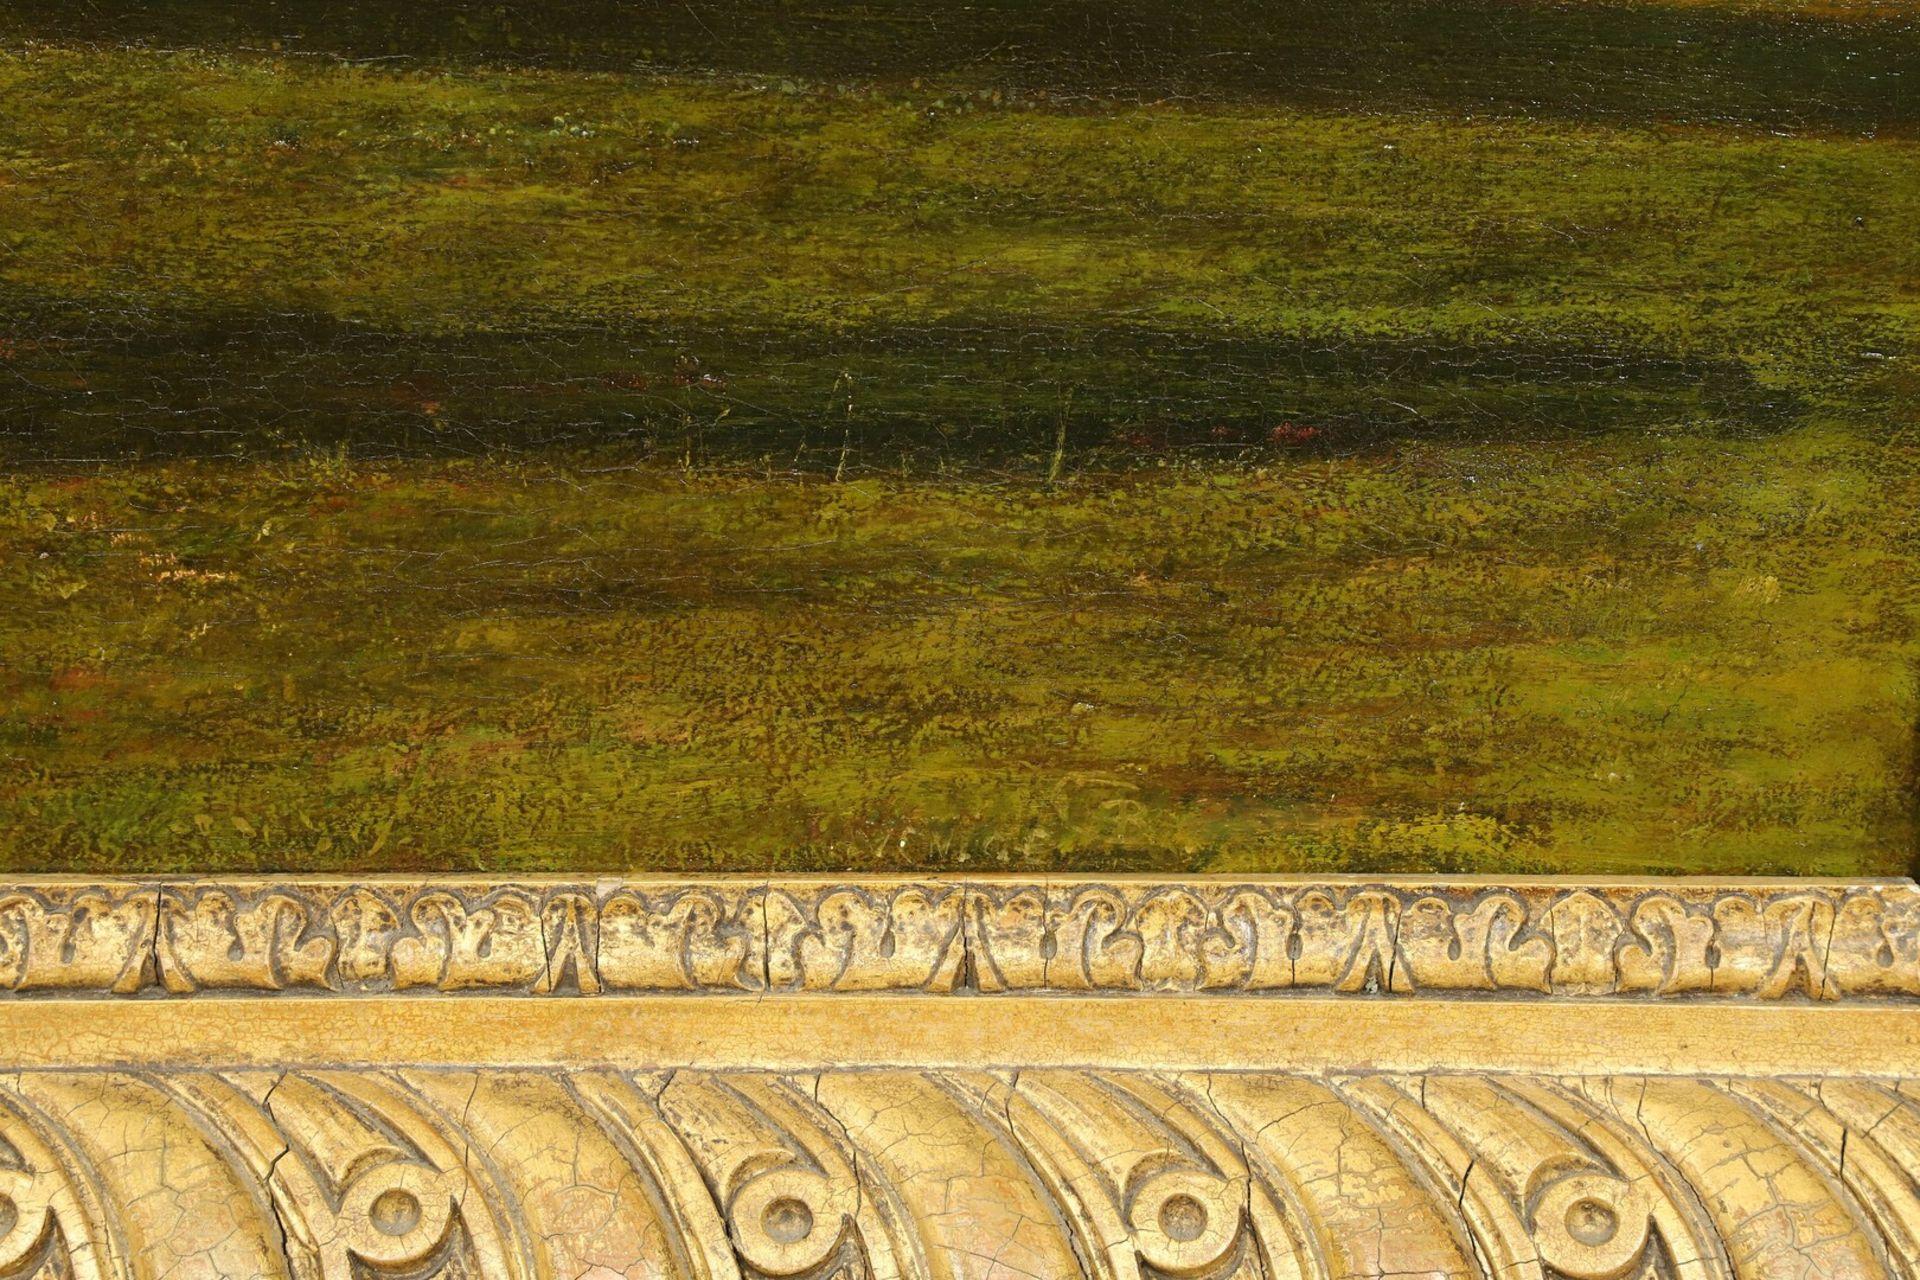 Englischer Monogrammist, Flöte spielender Hirte in arkadischer Landschaft - Bild 4 aus 5